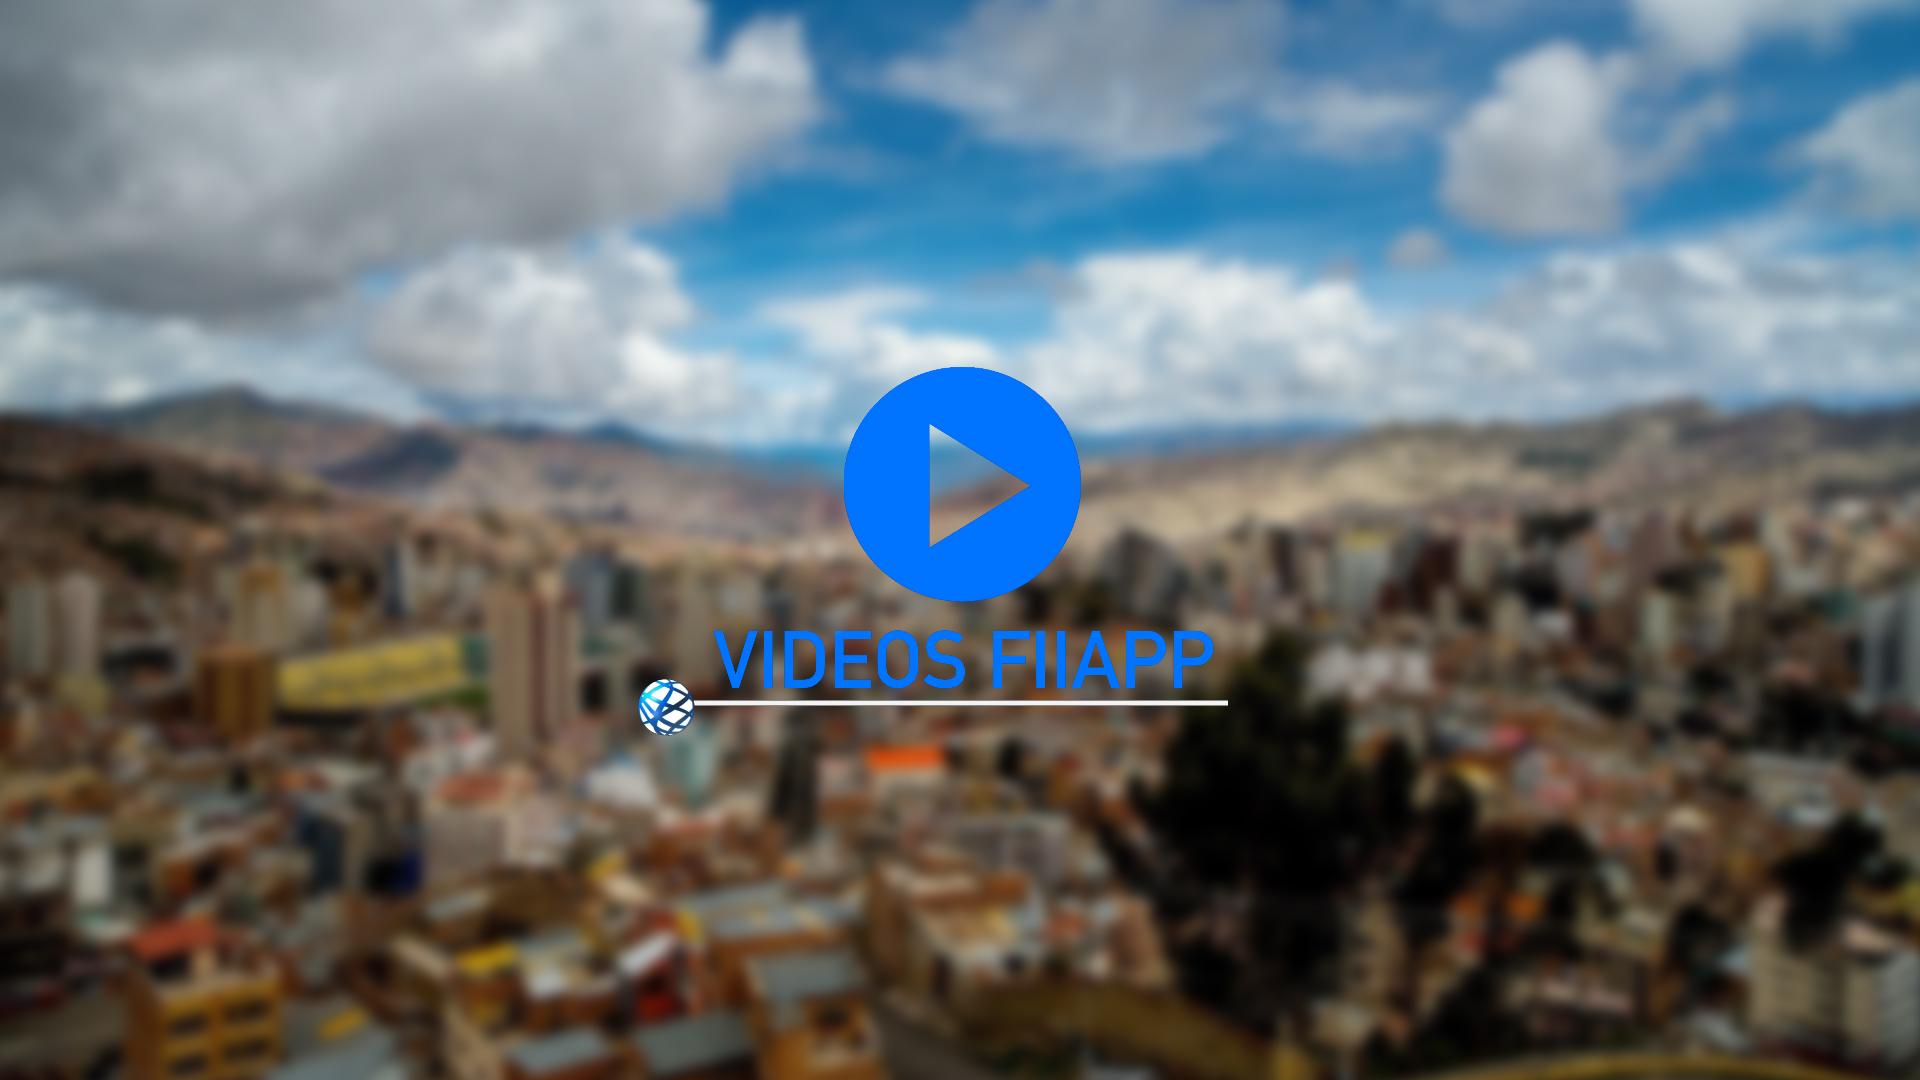 FIIAPP videos: Mabel Lozano's films, a tool for social transformation